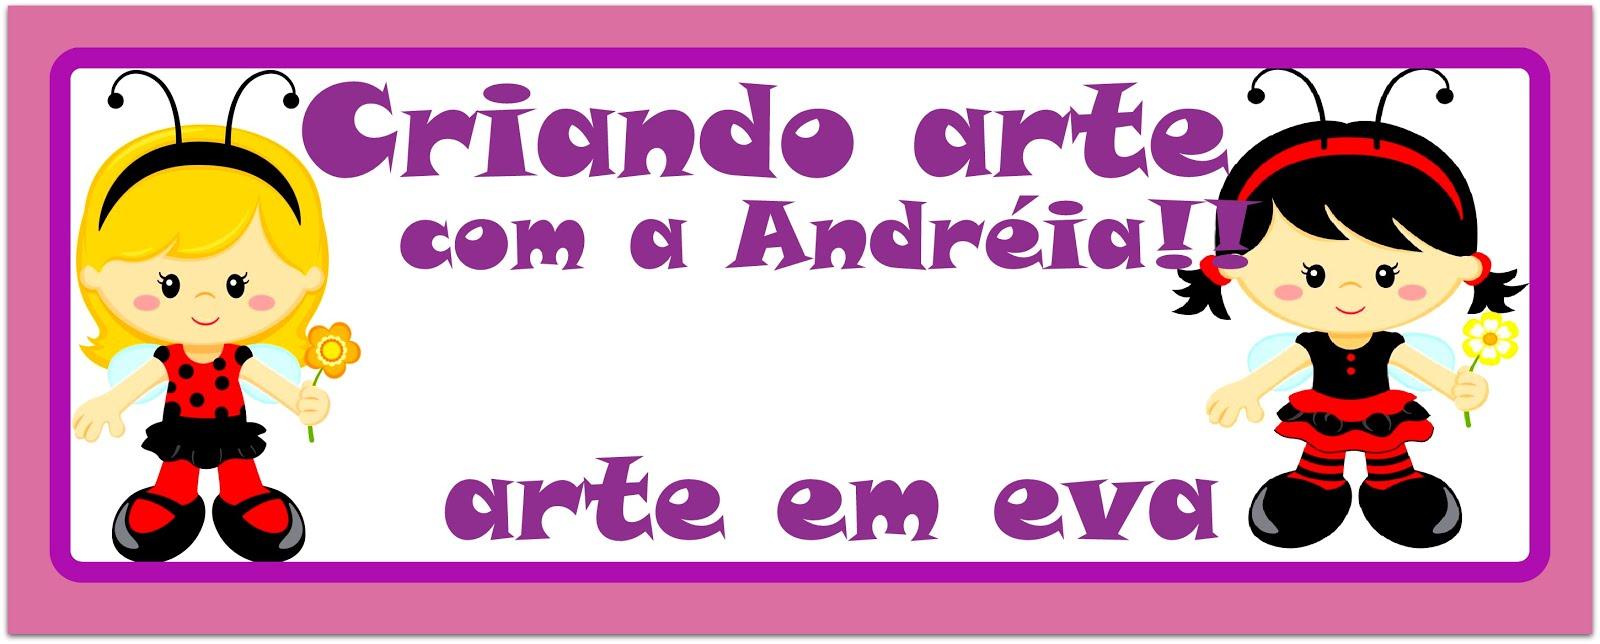 Atelier Criando arte com Andréia